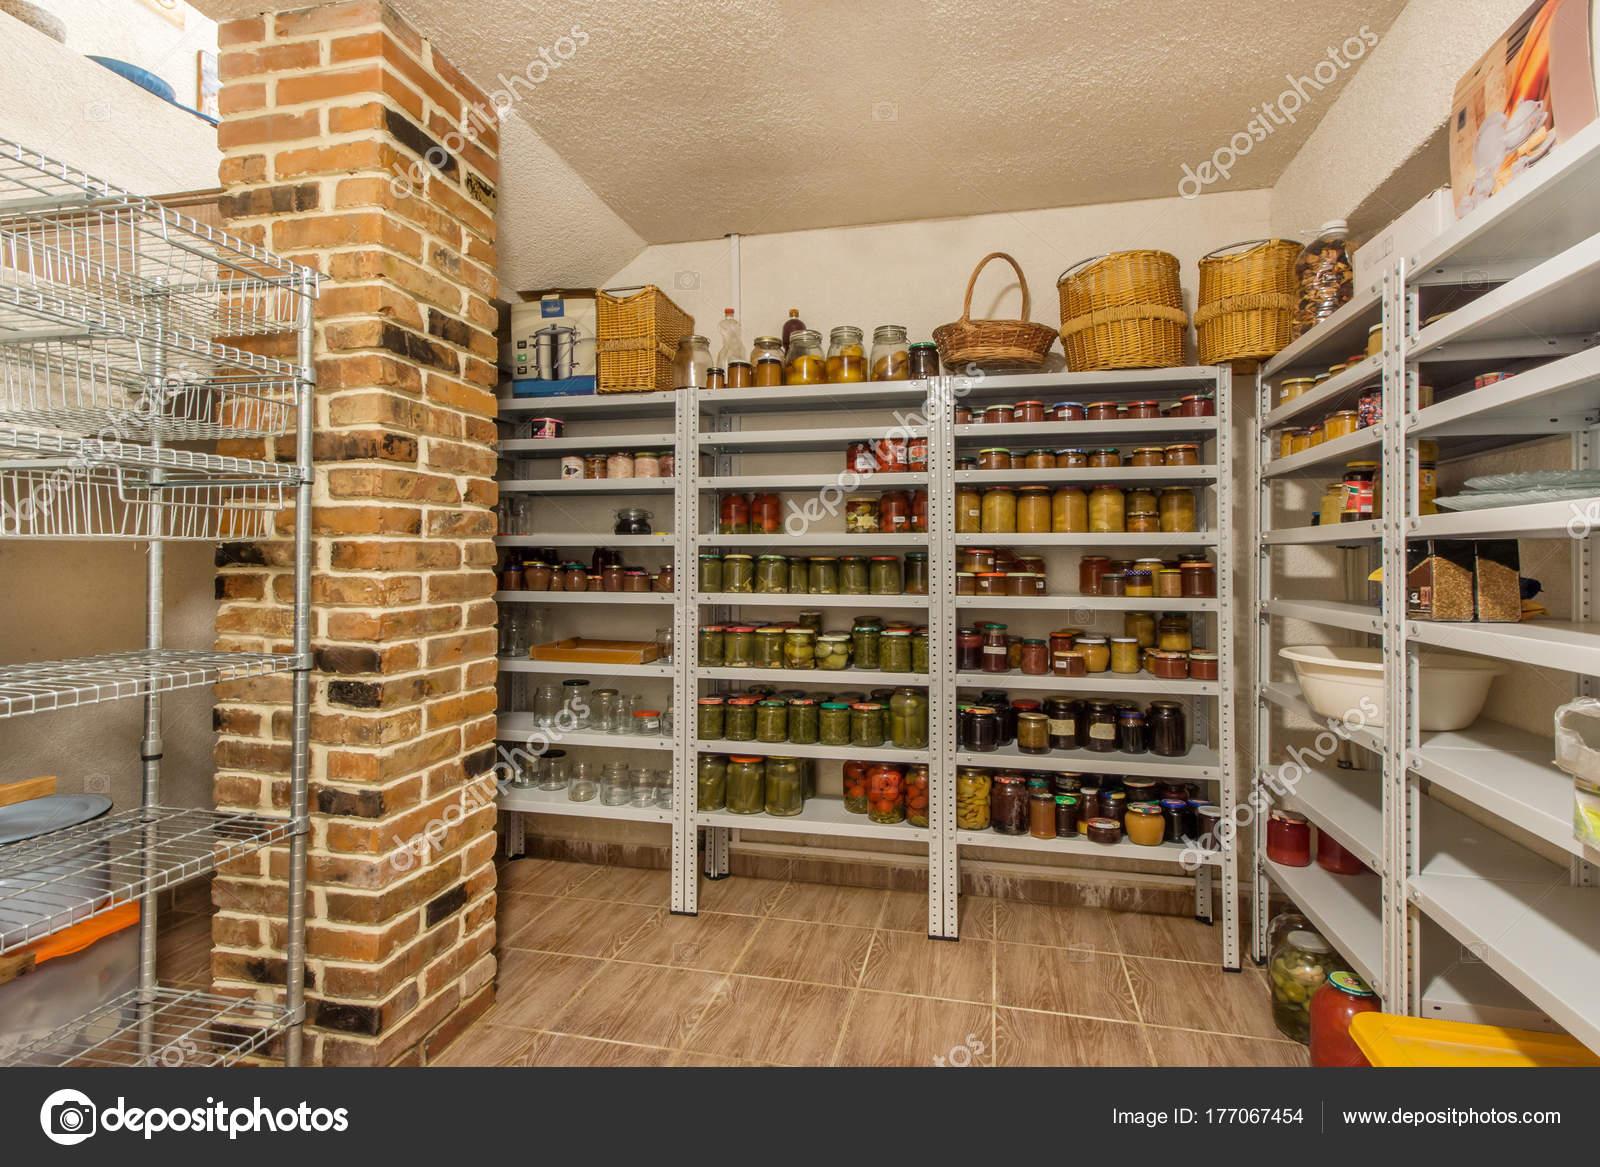 essen lagerraum verschiedene gl ser mit nach hause canning obst und stockfoto domkrugom. Black Bedroom Furniture Sets. Home Design Ideas